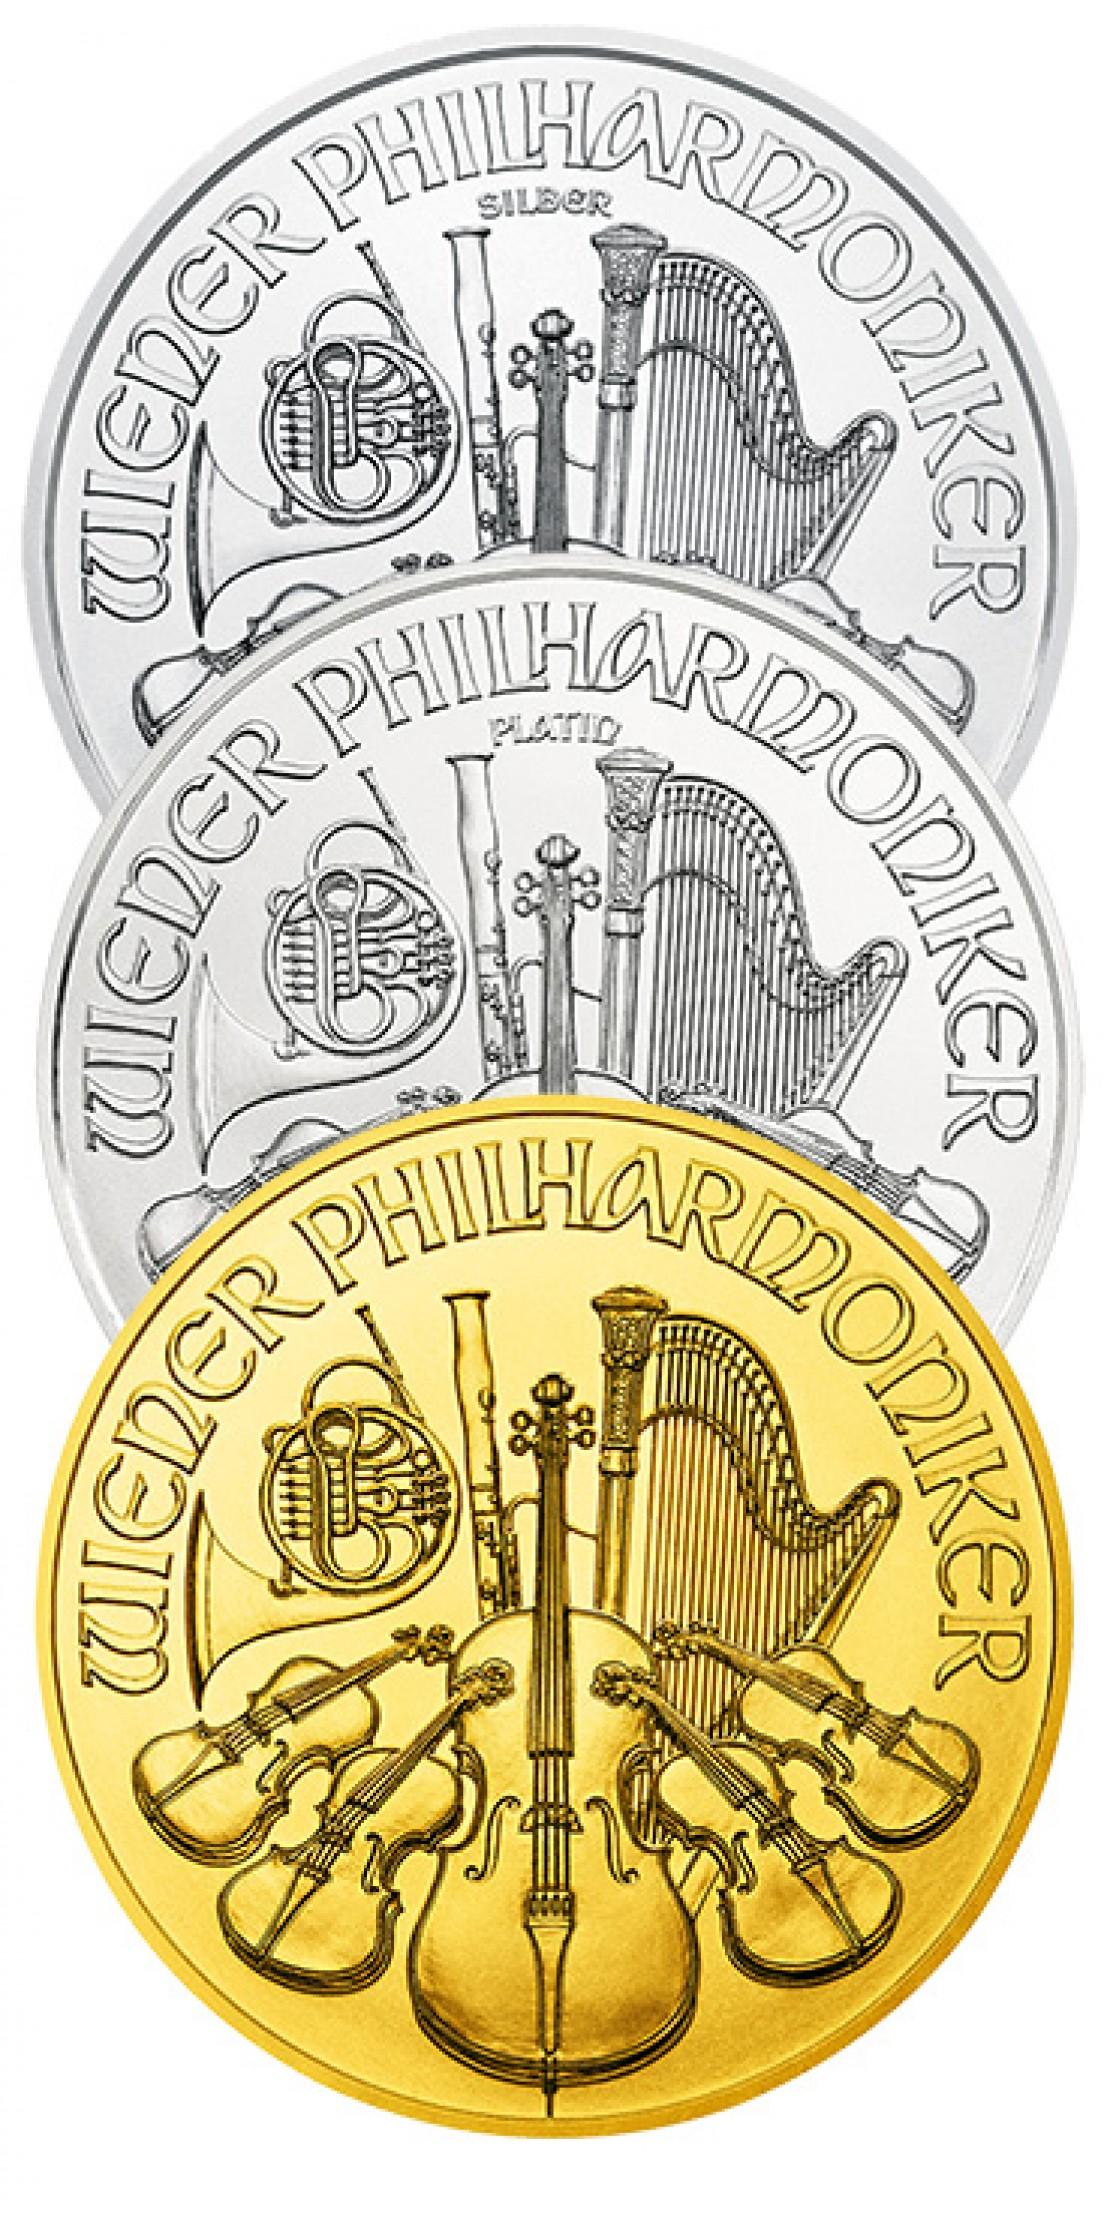 Wiener Philharmoniker in Gold, silber und Platin